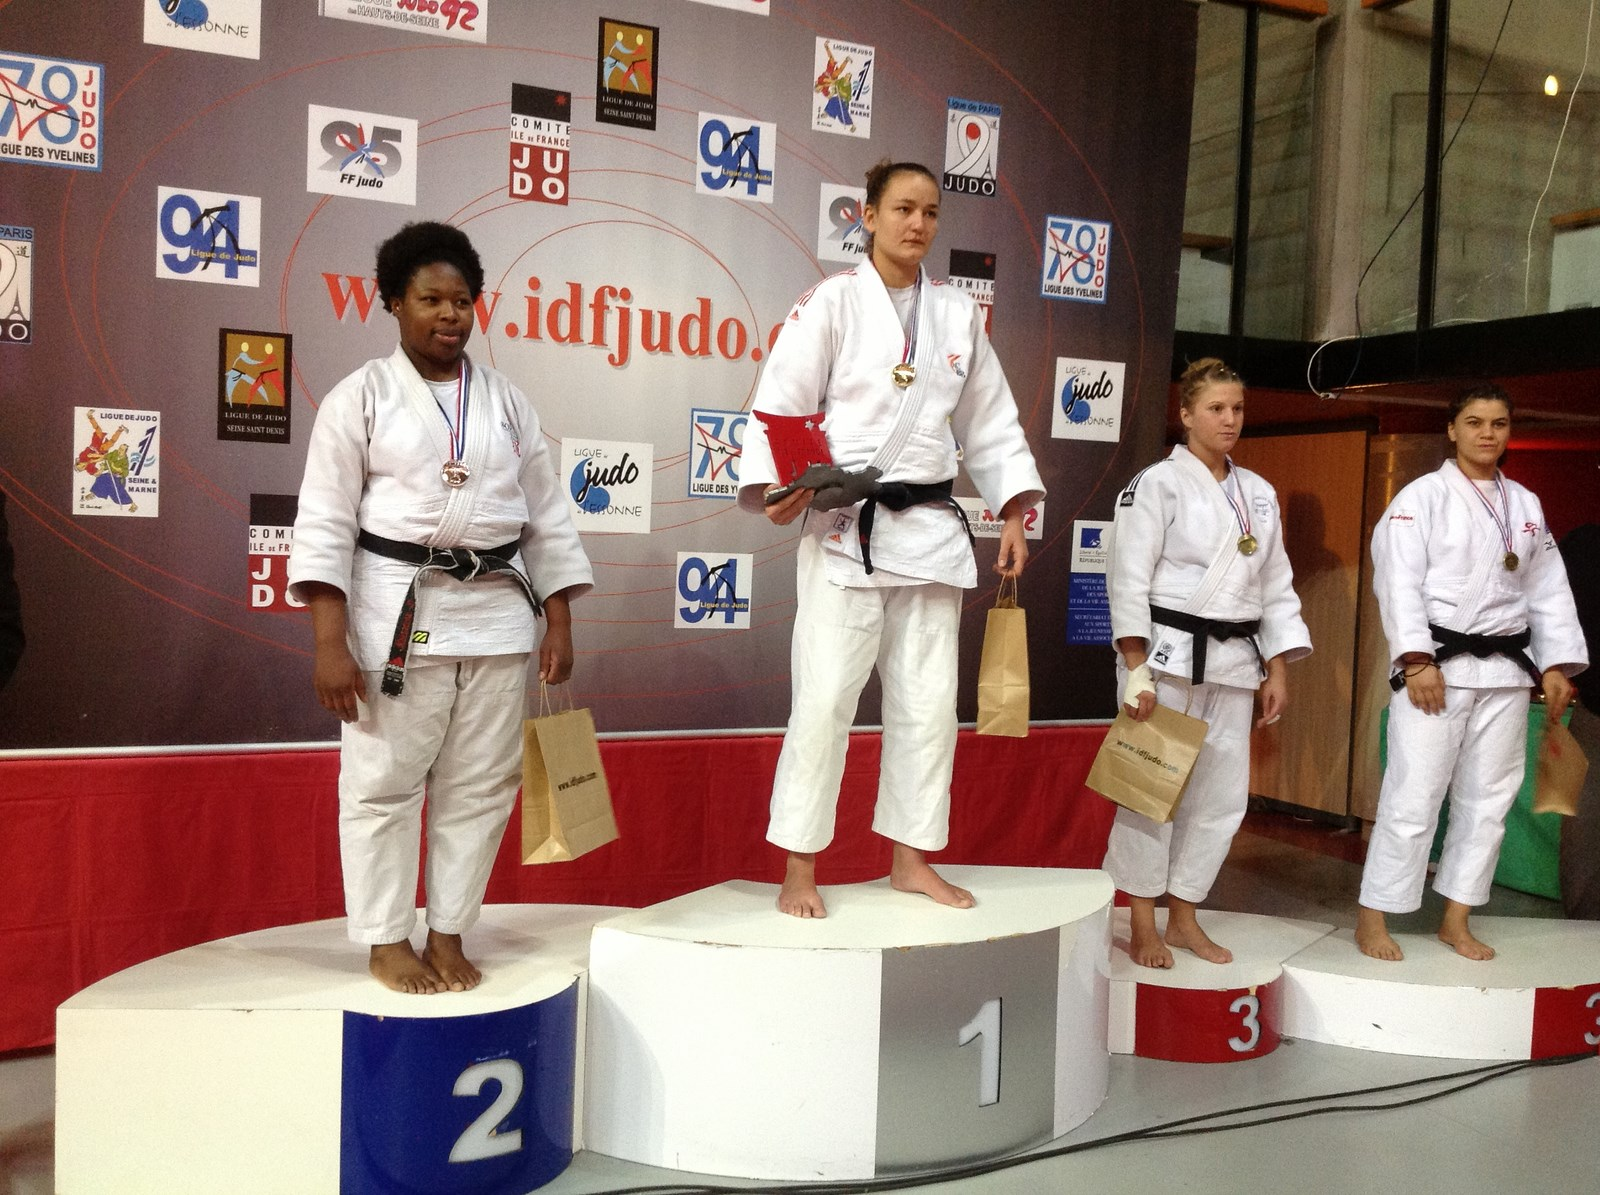 1 2 finales championnats de france seniorsdimanche 16 - Institut national du judo porte de chatillon ...